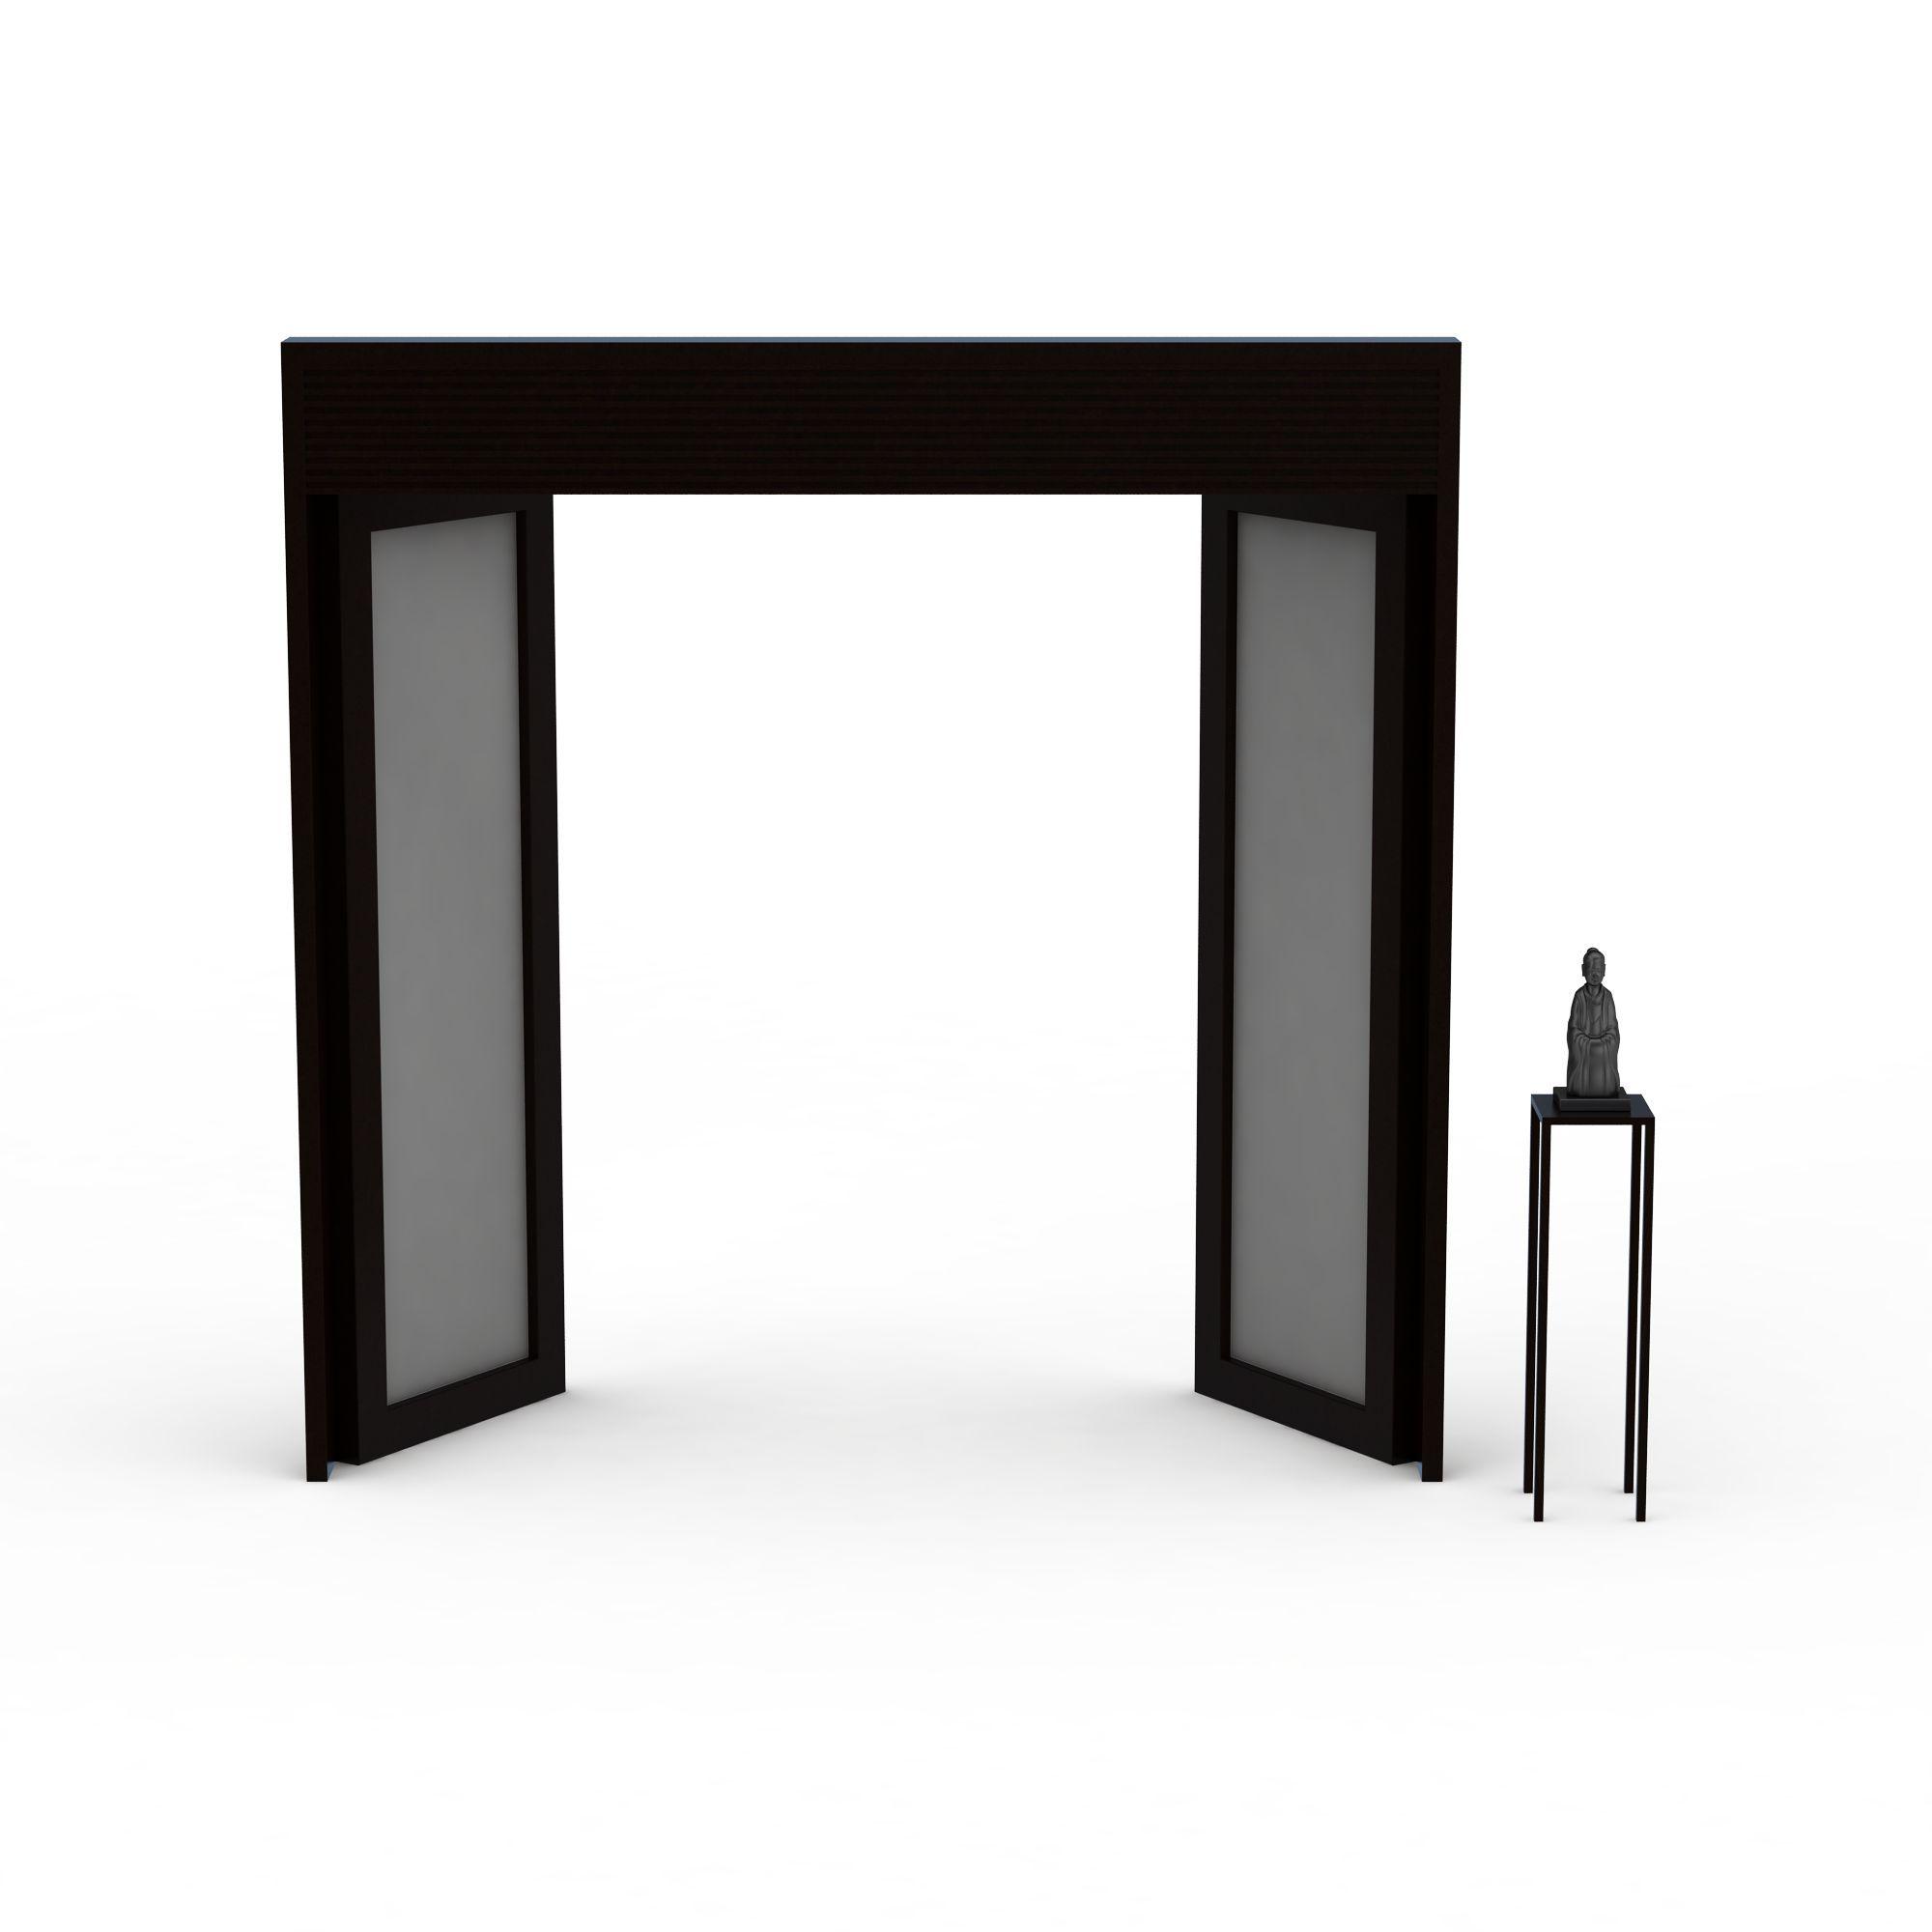 新中式双开门图片_新中式双开门png图片素材_新中式双图片